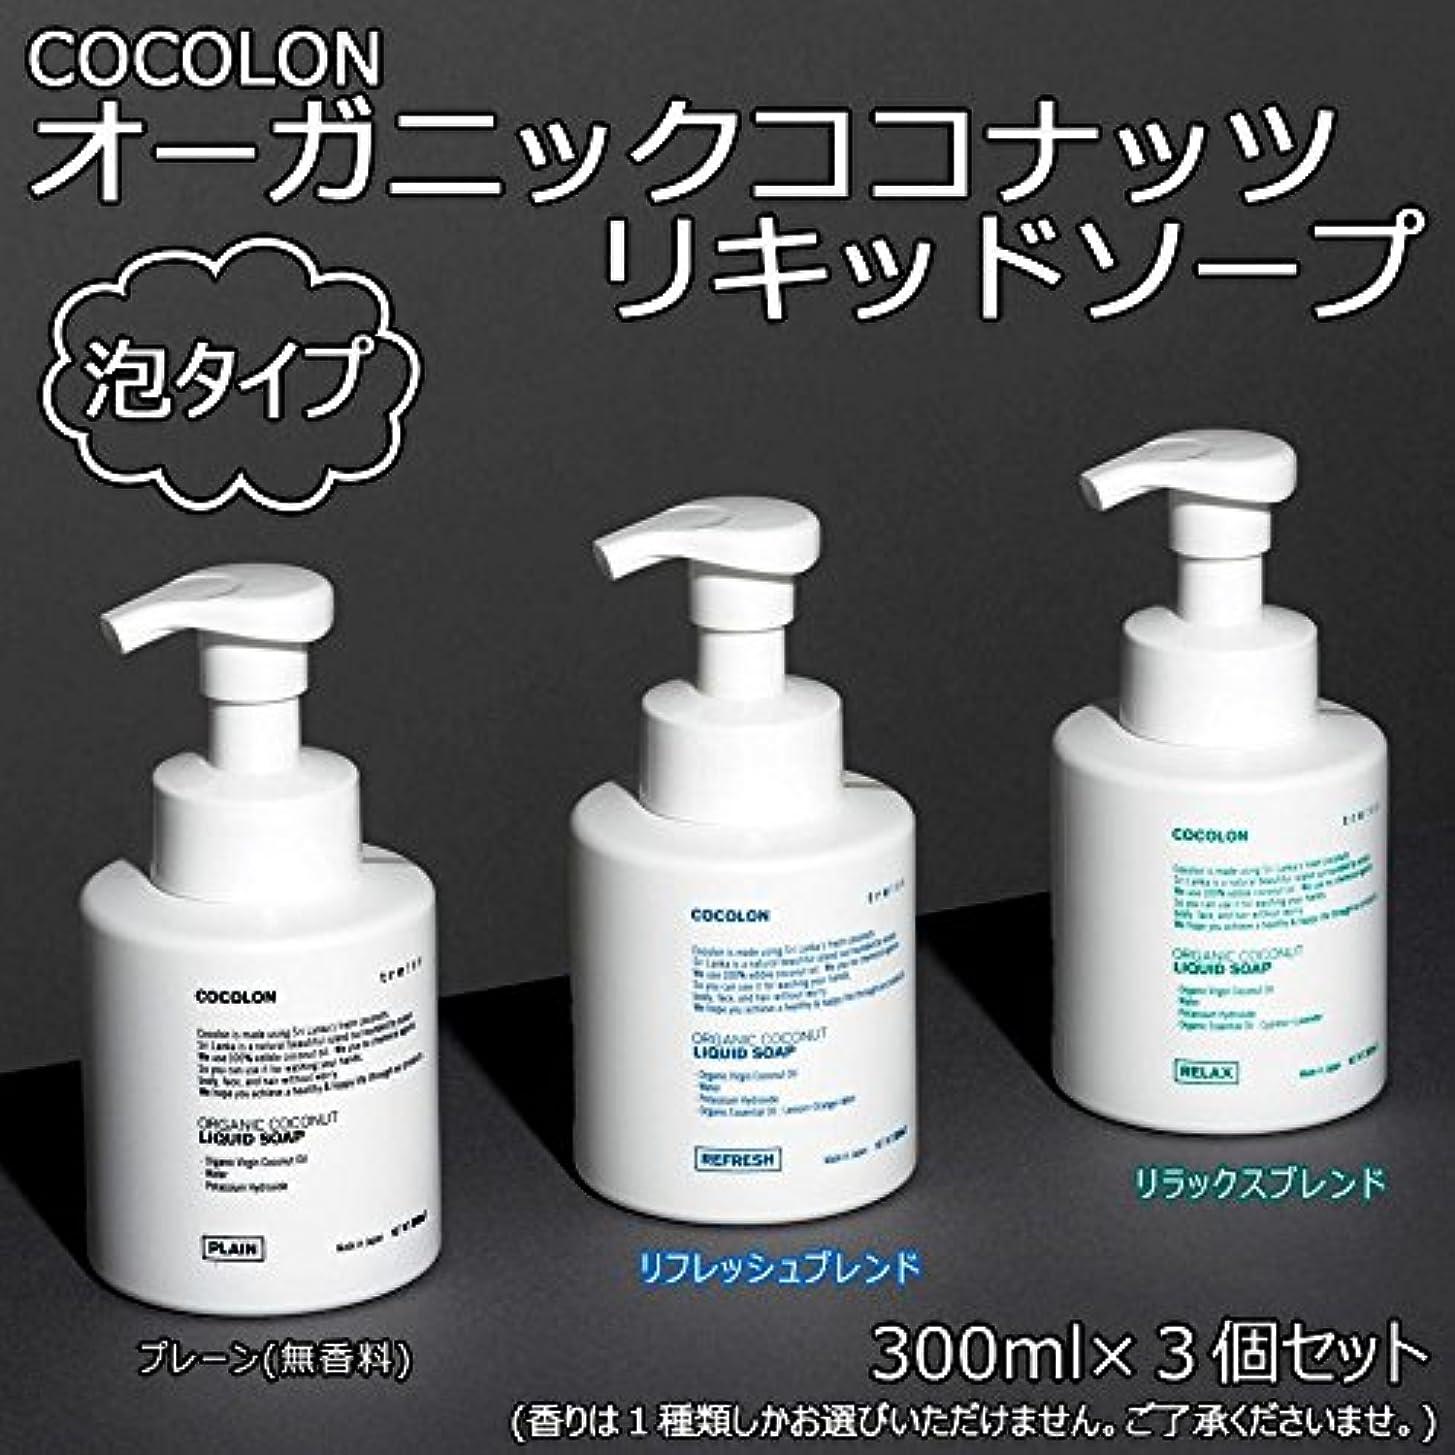 短命中絶浴室COCOLON ココロン オーガニックココナッツリキッドソープ 泡タイプ 300ml 3個セット【同梱?代引不可】 ■3種類の内「リラックスブレンド」のみです